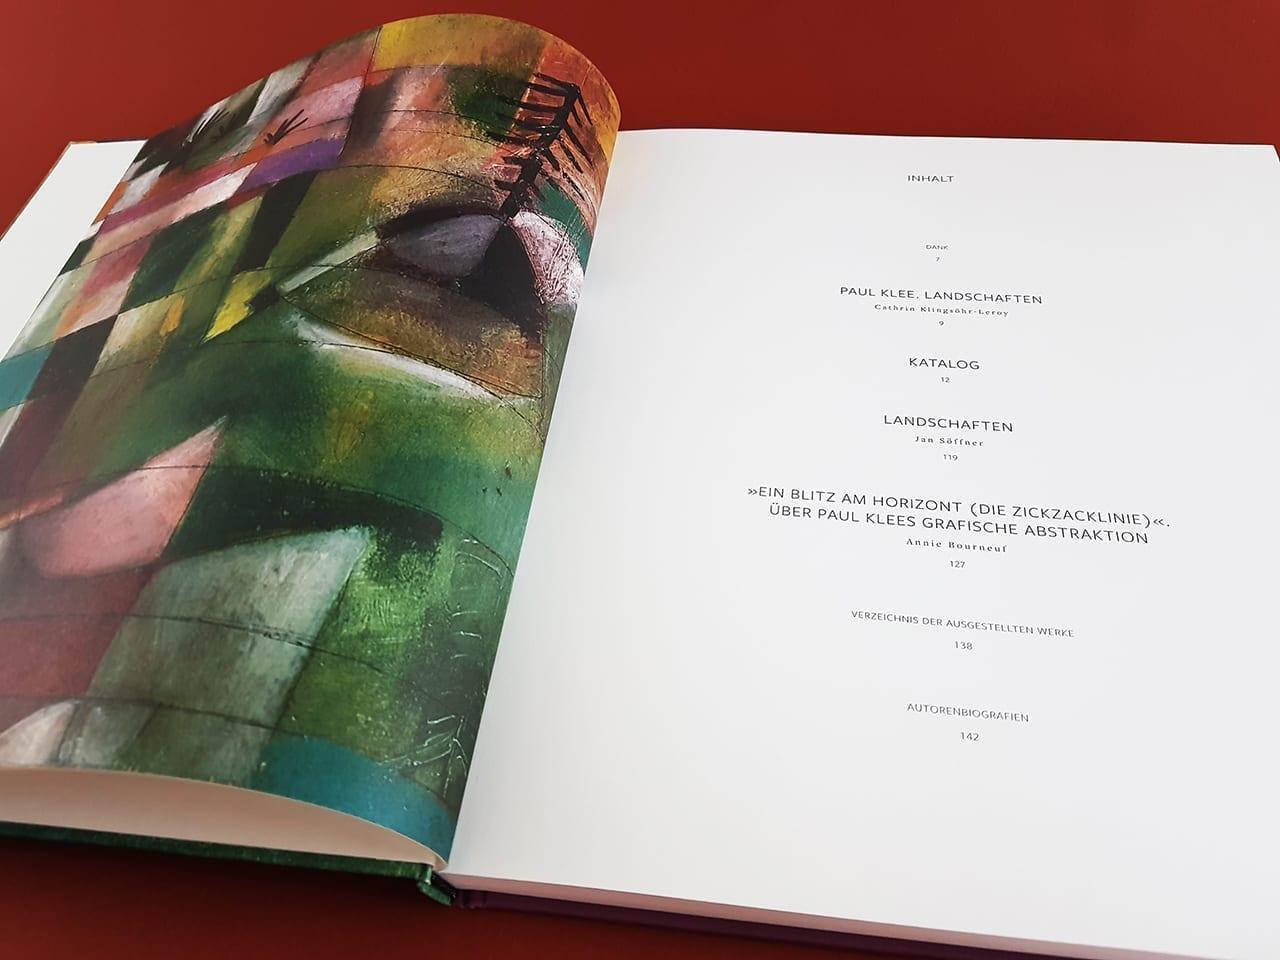 Paul Klee Landschaften Hirmer Verlag Inhaltsverzeichnis